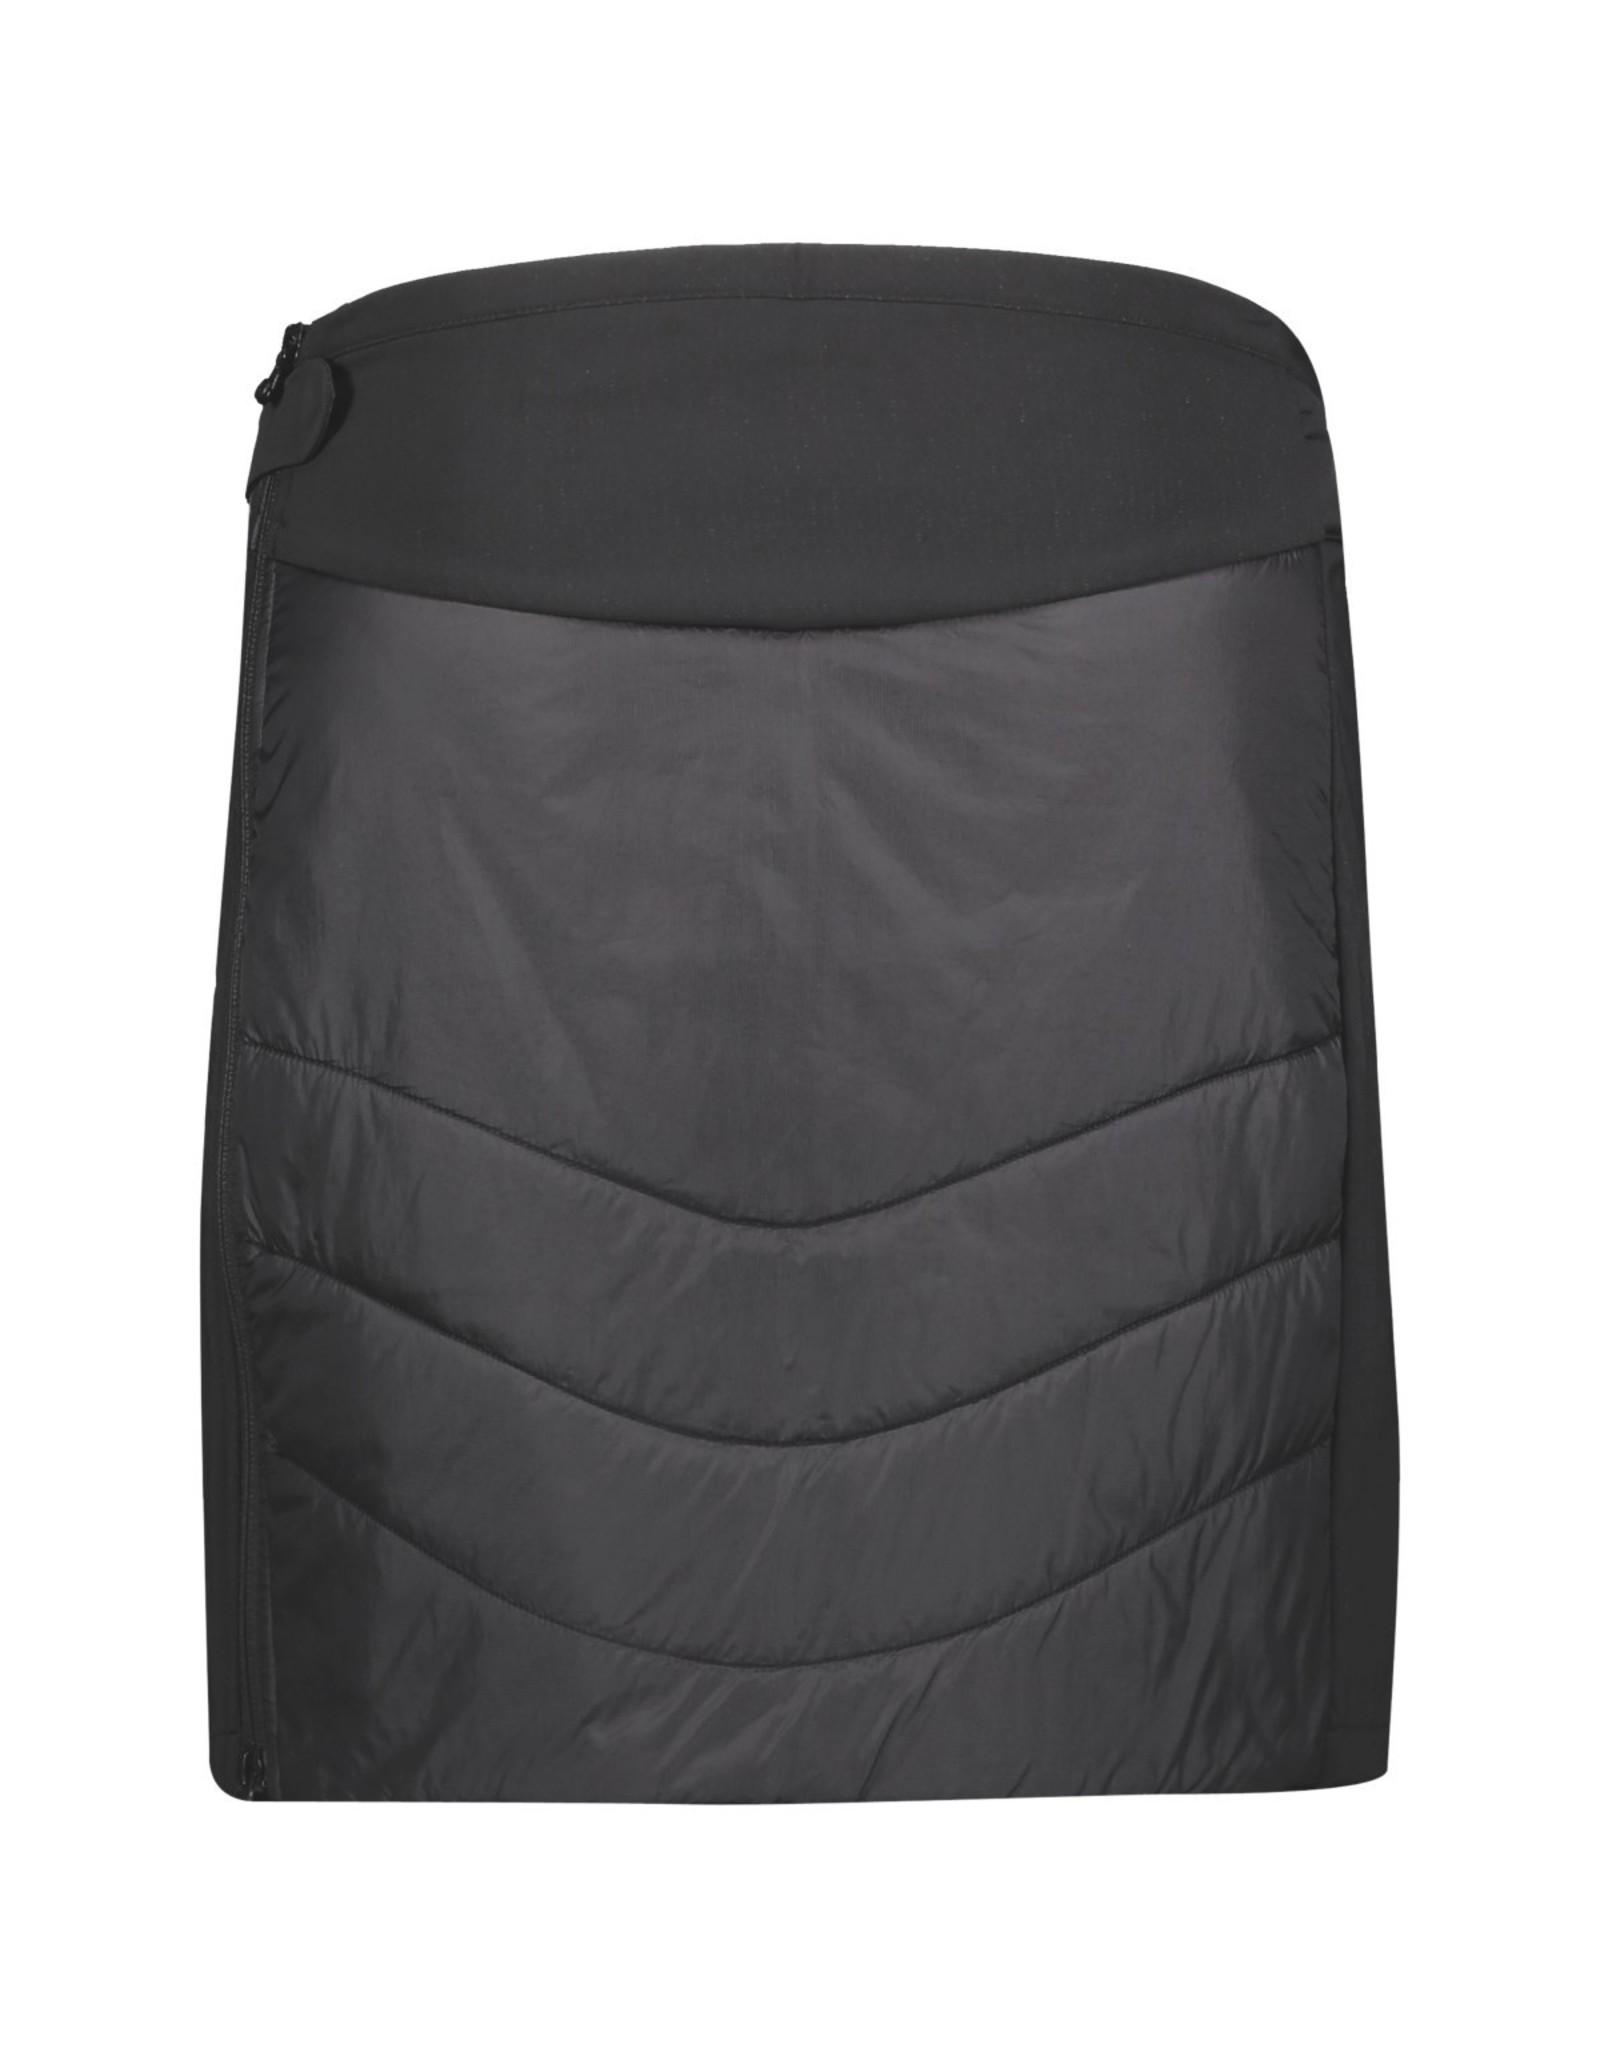 Scott Scott Explorair Ascent Skirt - Women